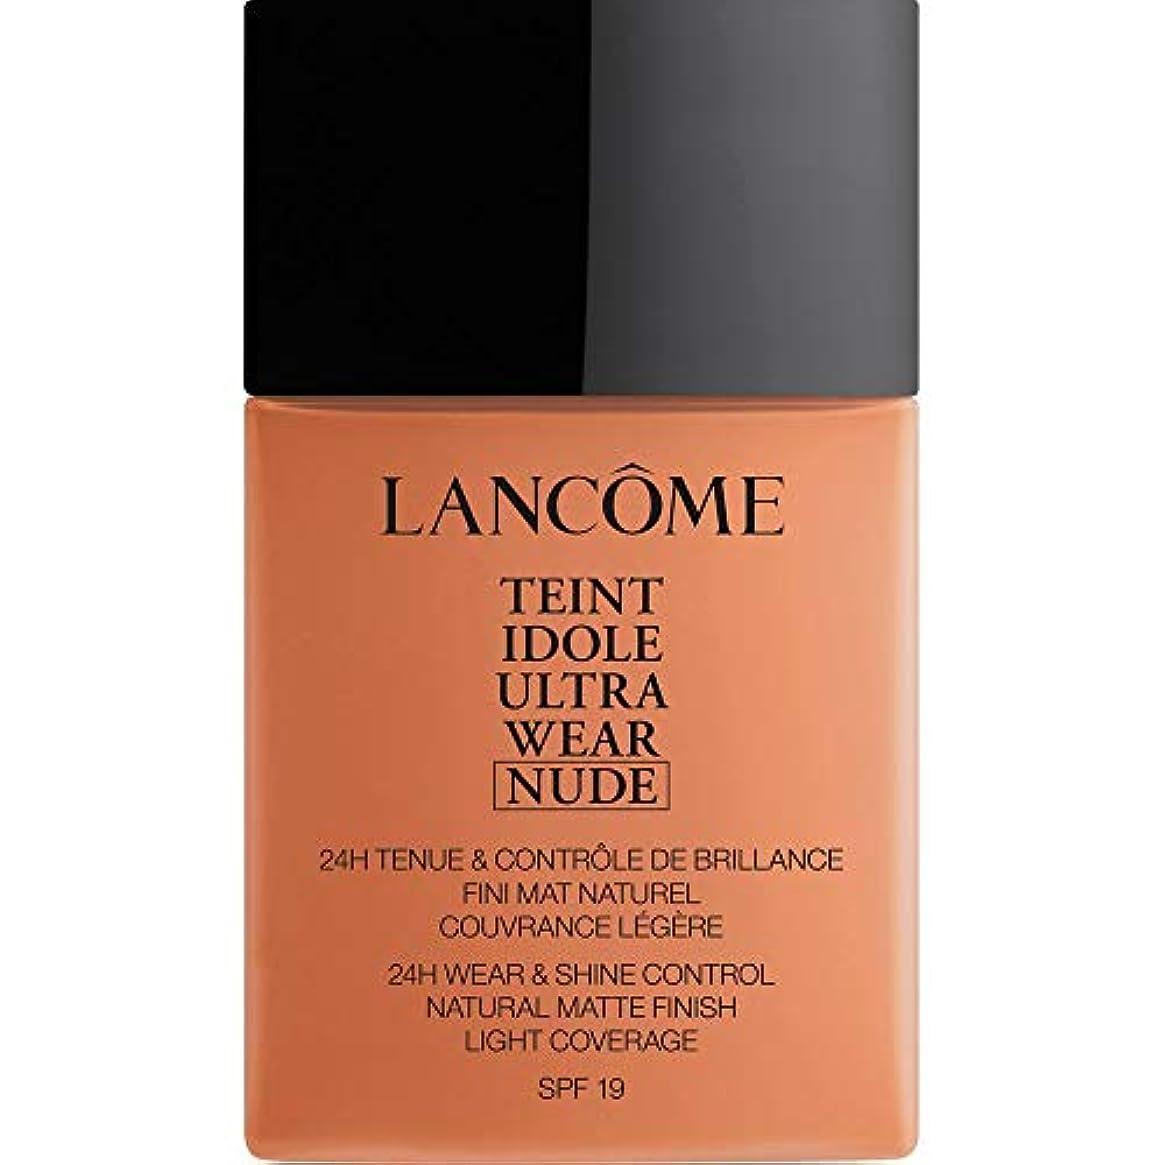 精緻化エレクトロニック望ましい[Lanc?me ] ランコムTeintのIdole超摩耗ヌード財団Spf19の40ミリリットル10.2 - ブロンズ - Lancome Teint Idole Ultra Wear Nude Foundation SPF19 40ml 10.2 - Bronze [並行輸入品]